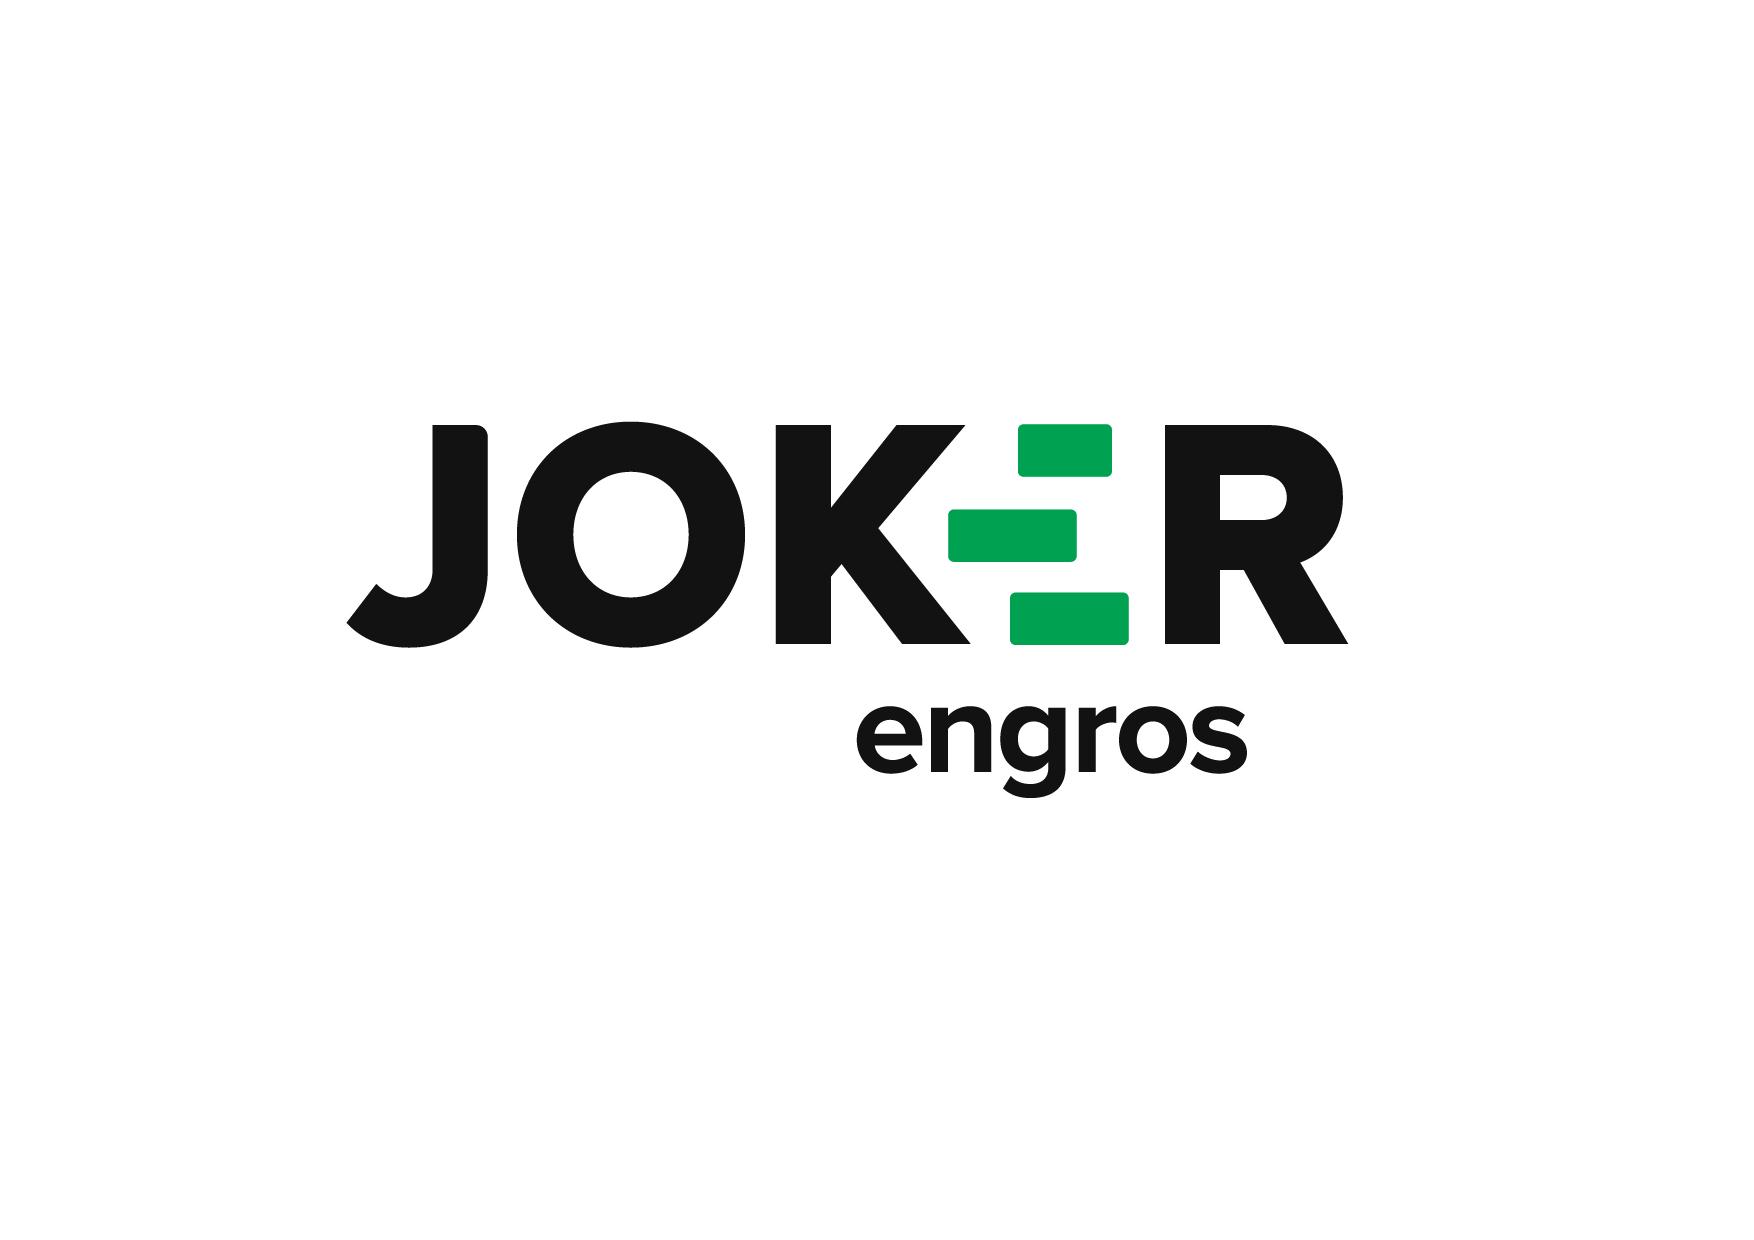 joker engros logo